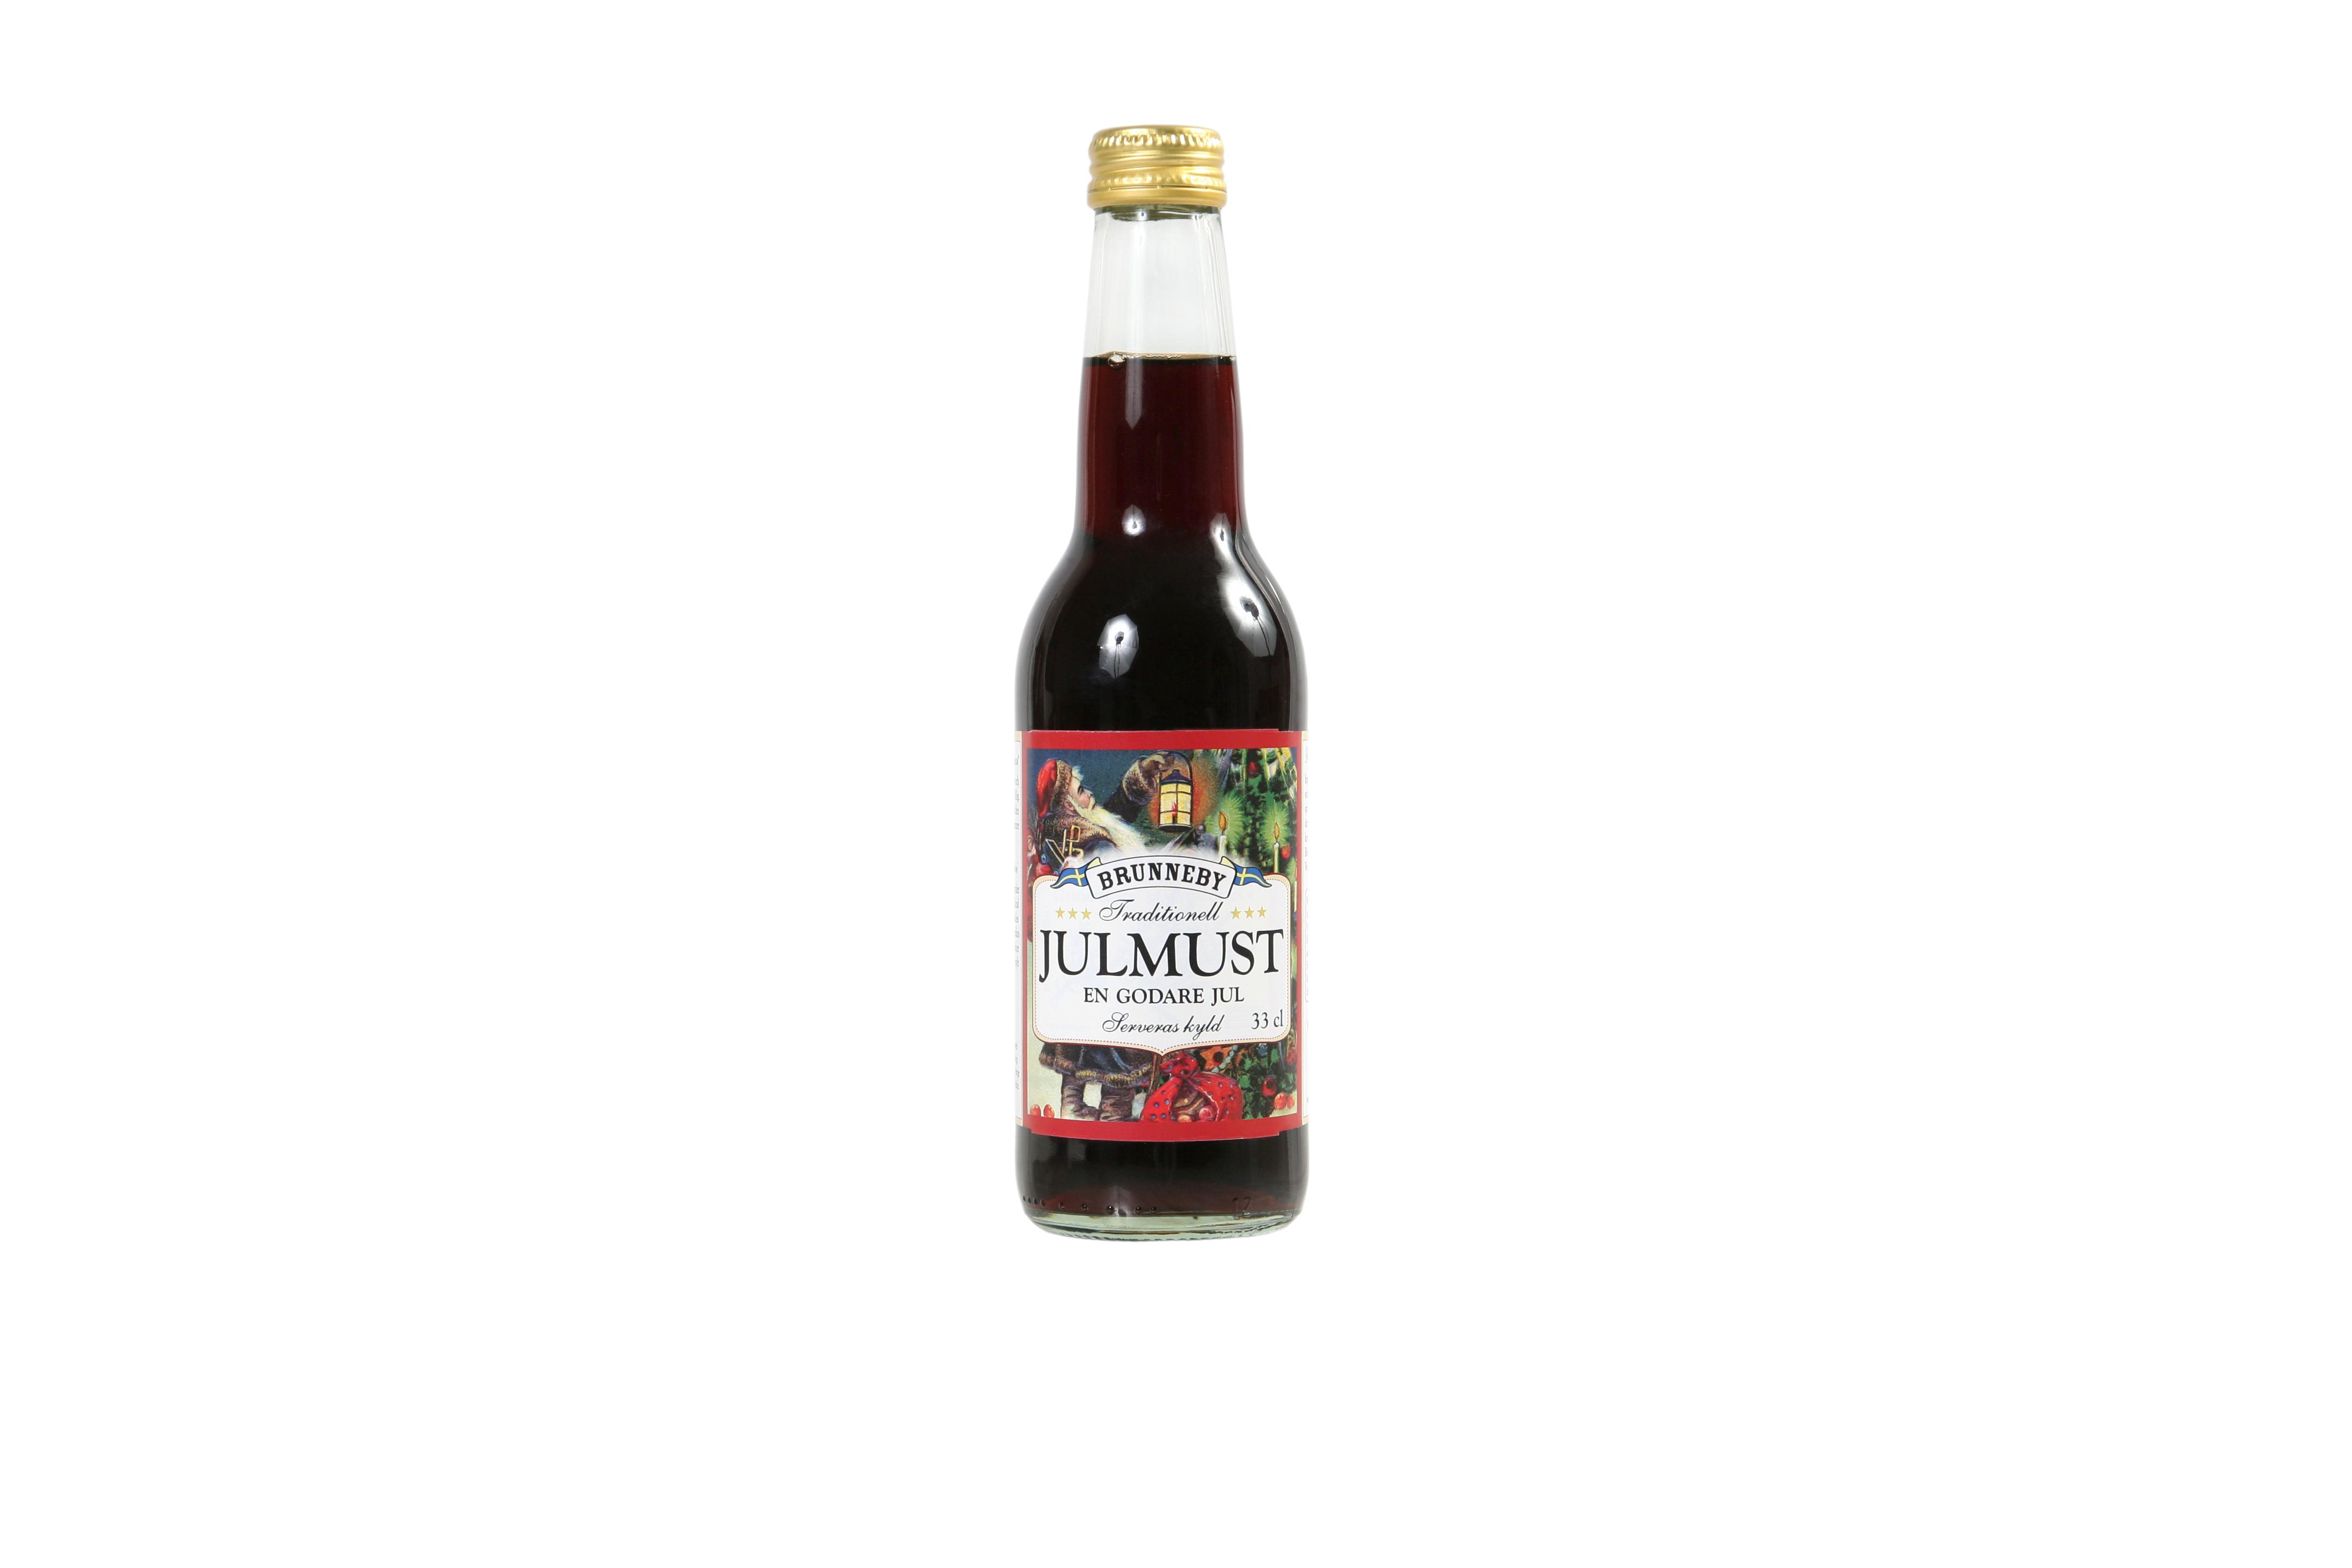 Högupplöst bild på Julmust i 33cl flaska.